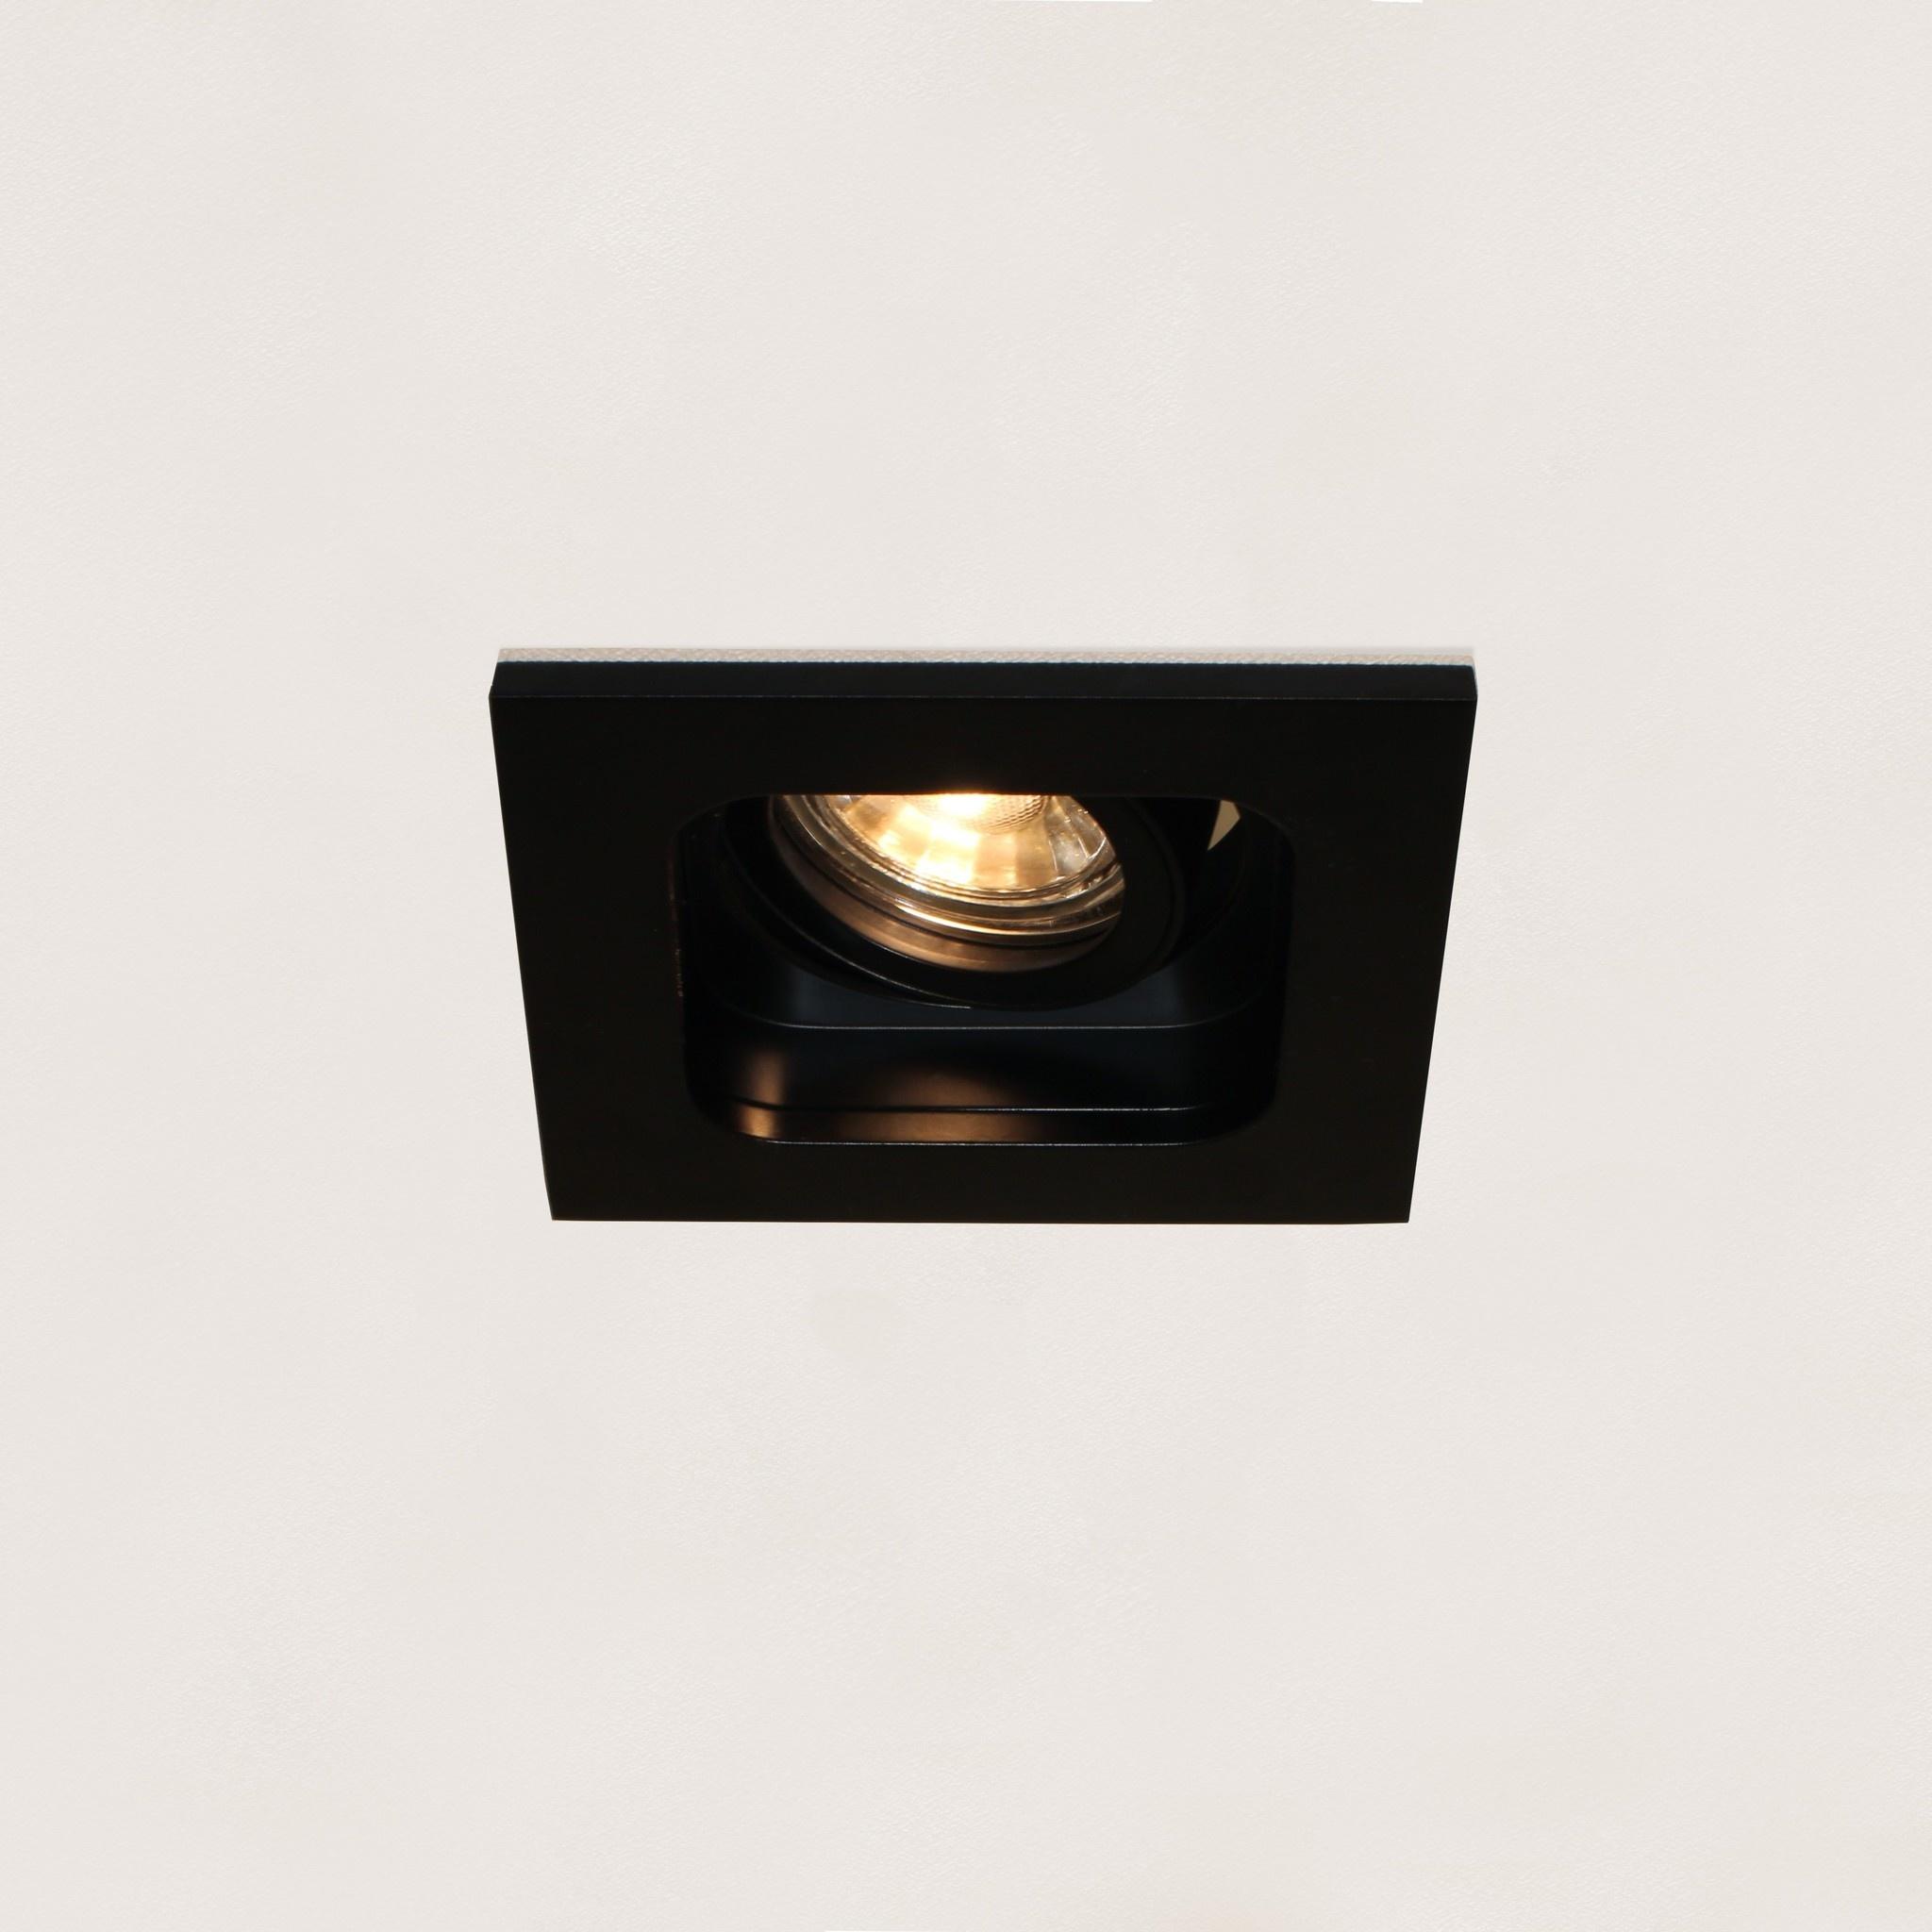 Artdelight Inbouwspot Moggio 1 lichts GU10 zwart